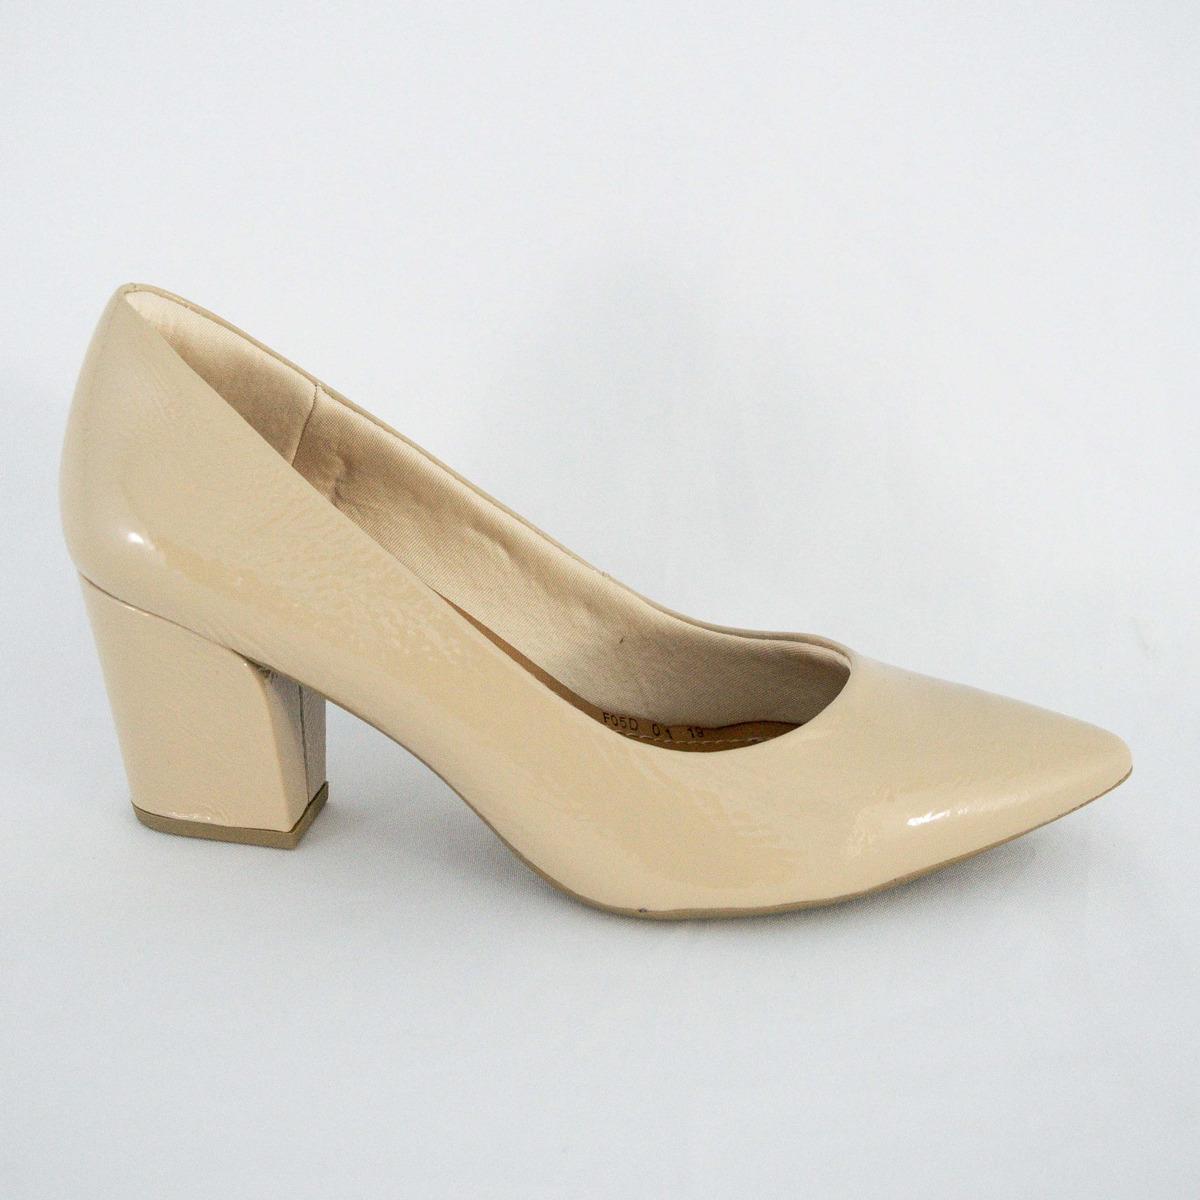 5515583539 sapato usaflex z7601 scarpin veniz soft nude islen calçados. Carregando  zoom.